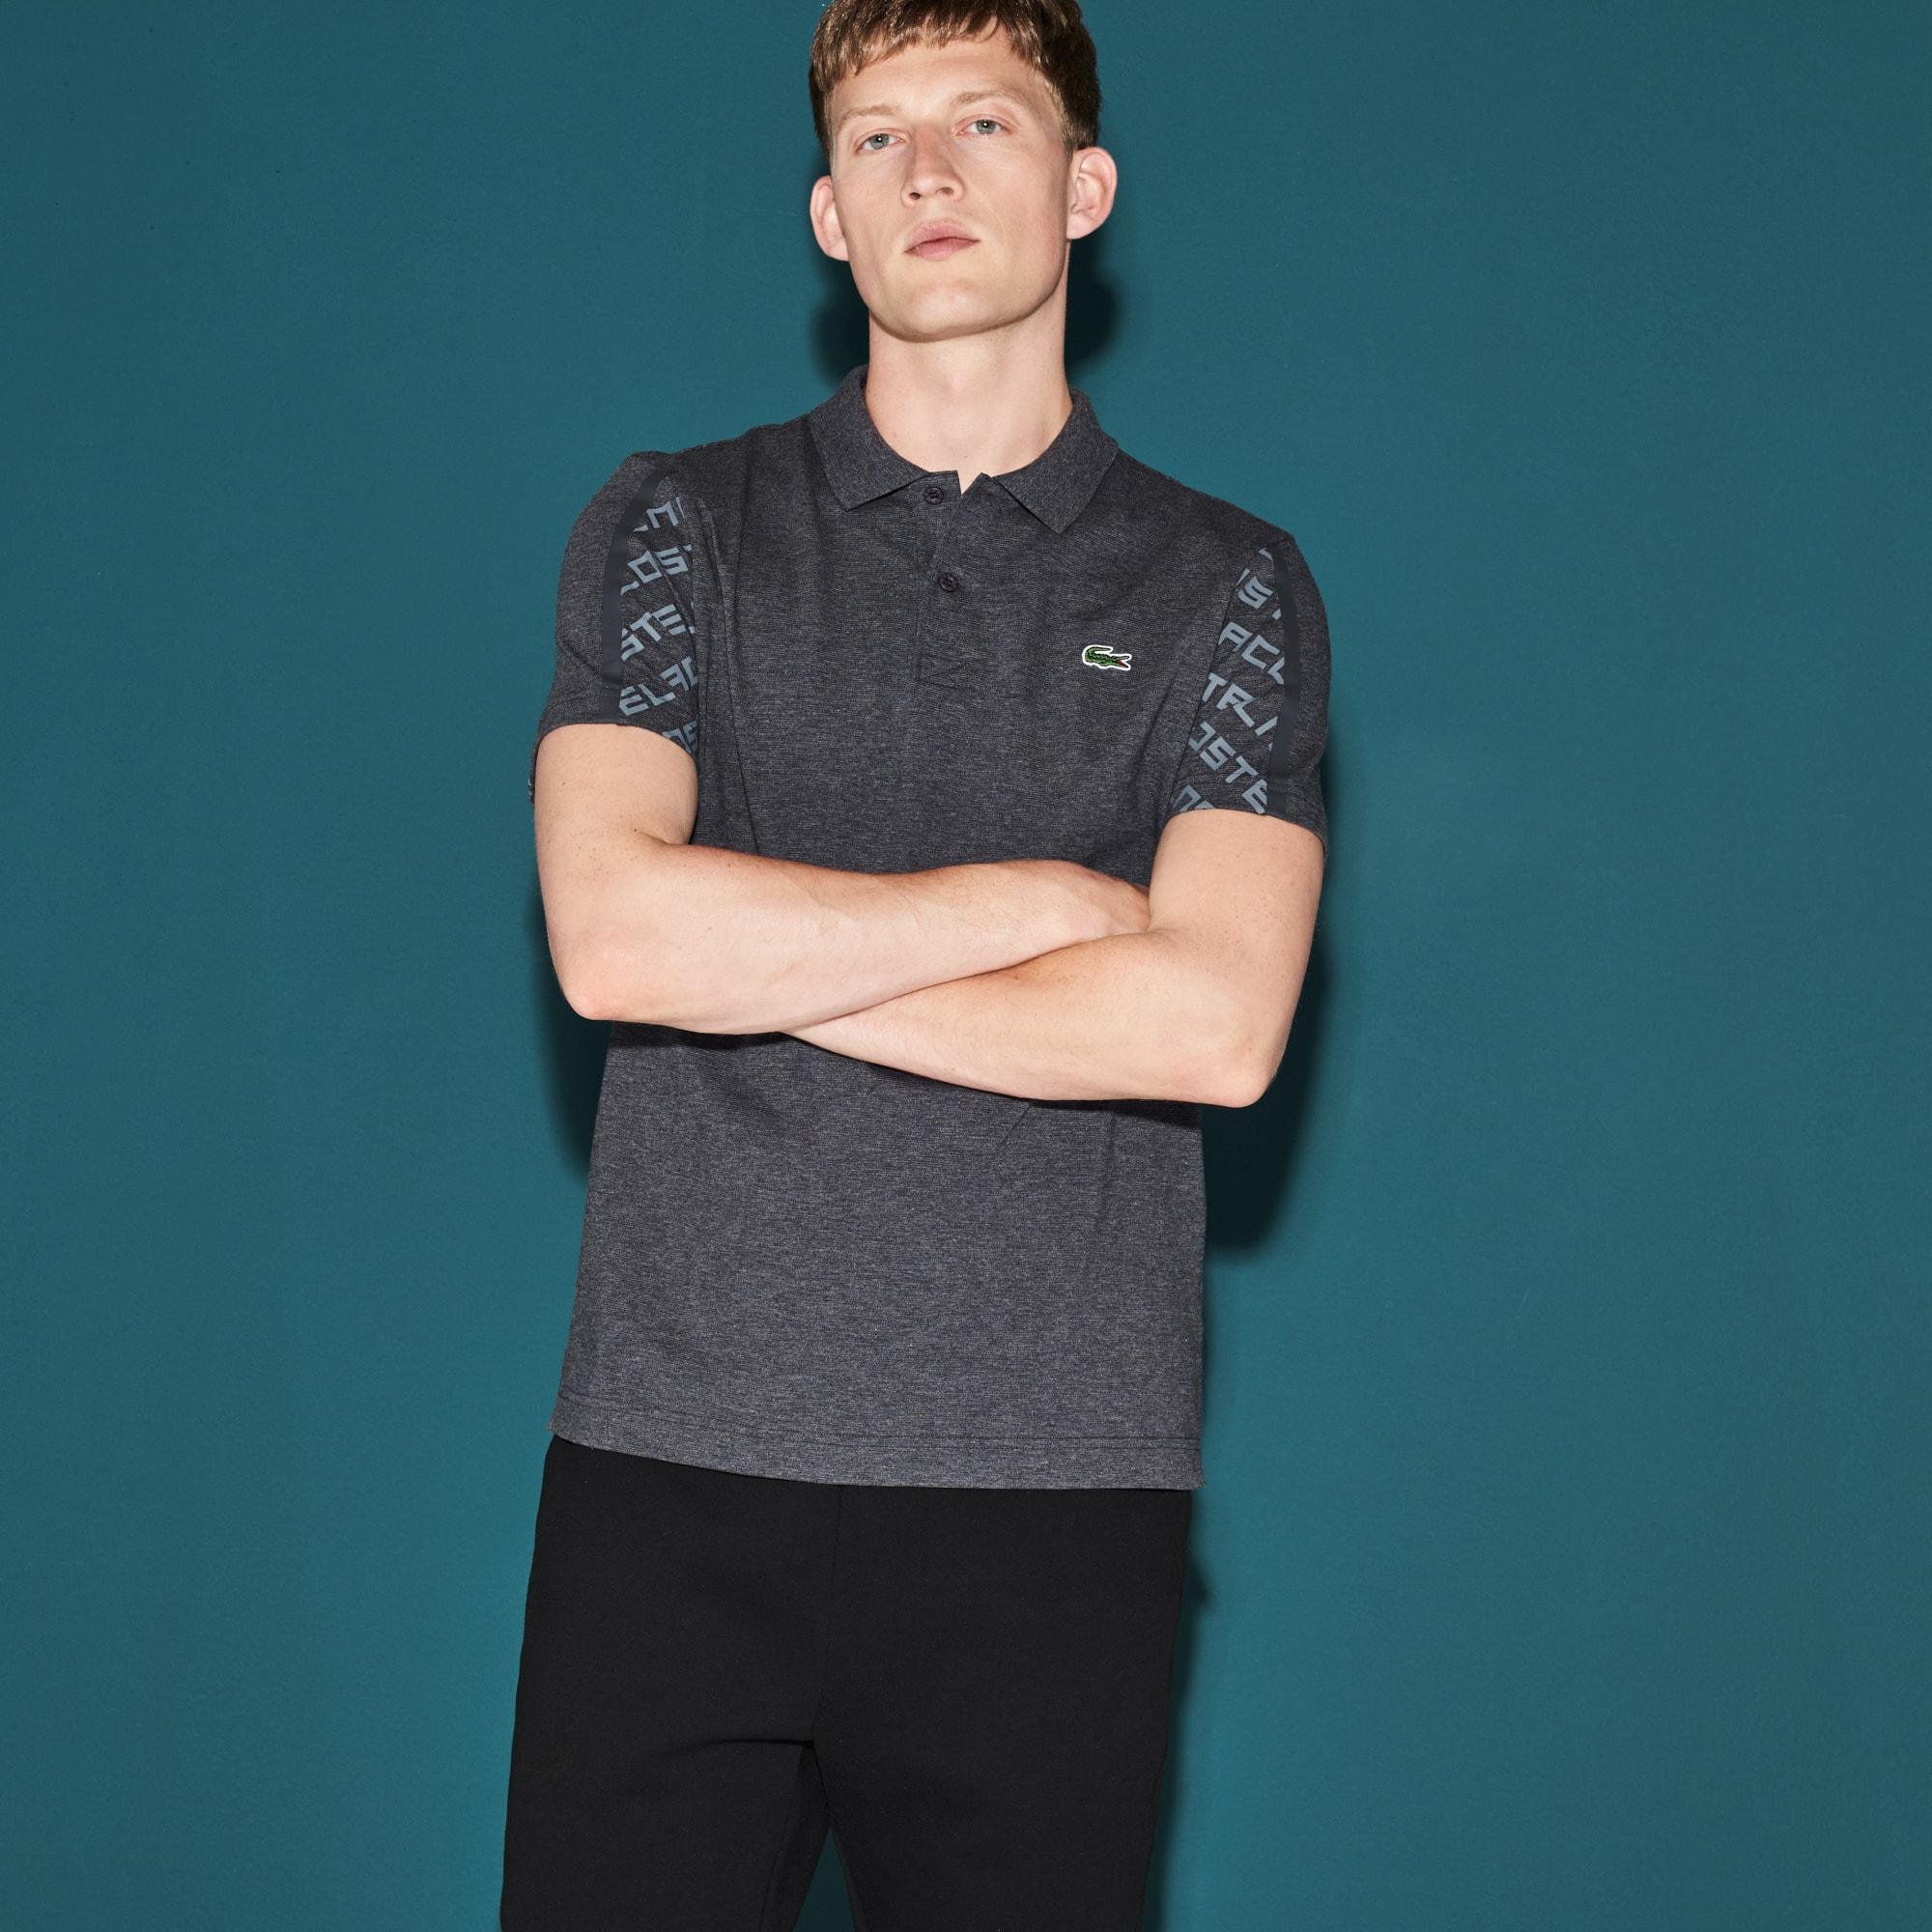 Polo Tennis Lacoste SPORT em malha leve e mangas com impressão